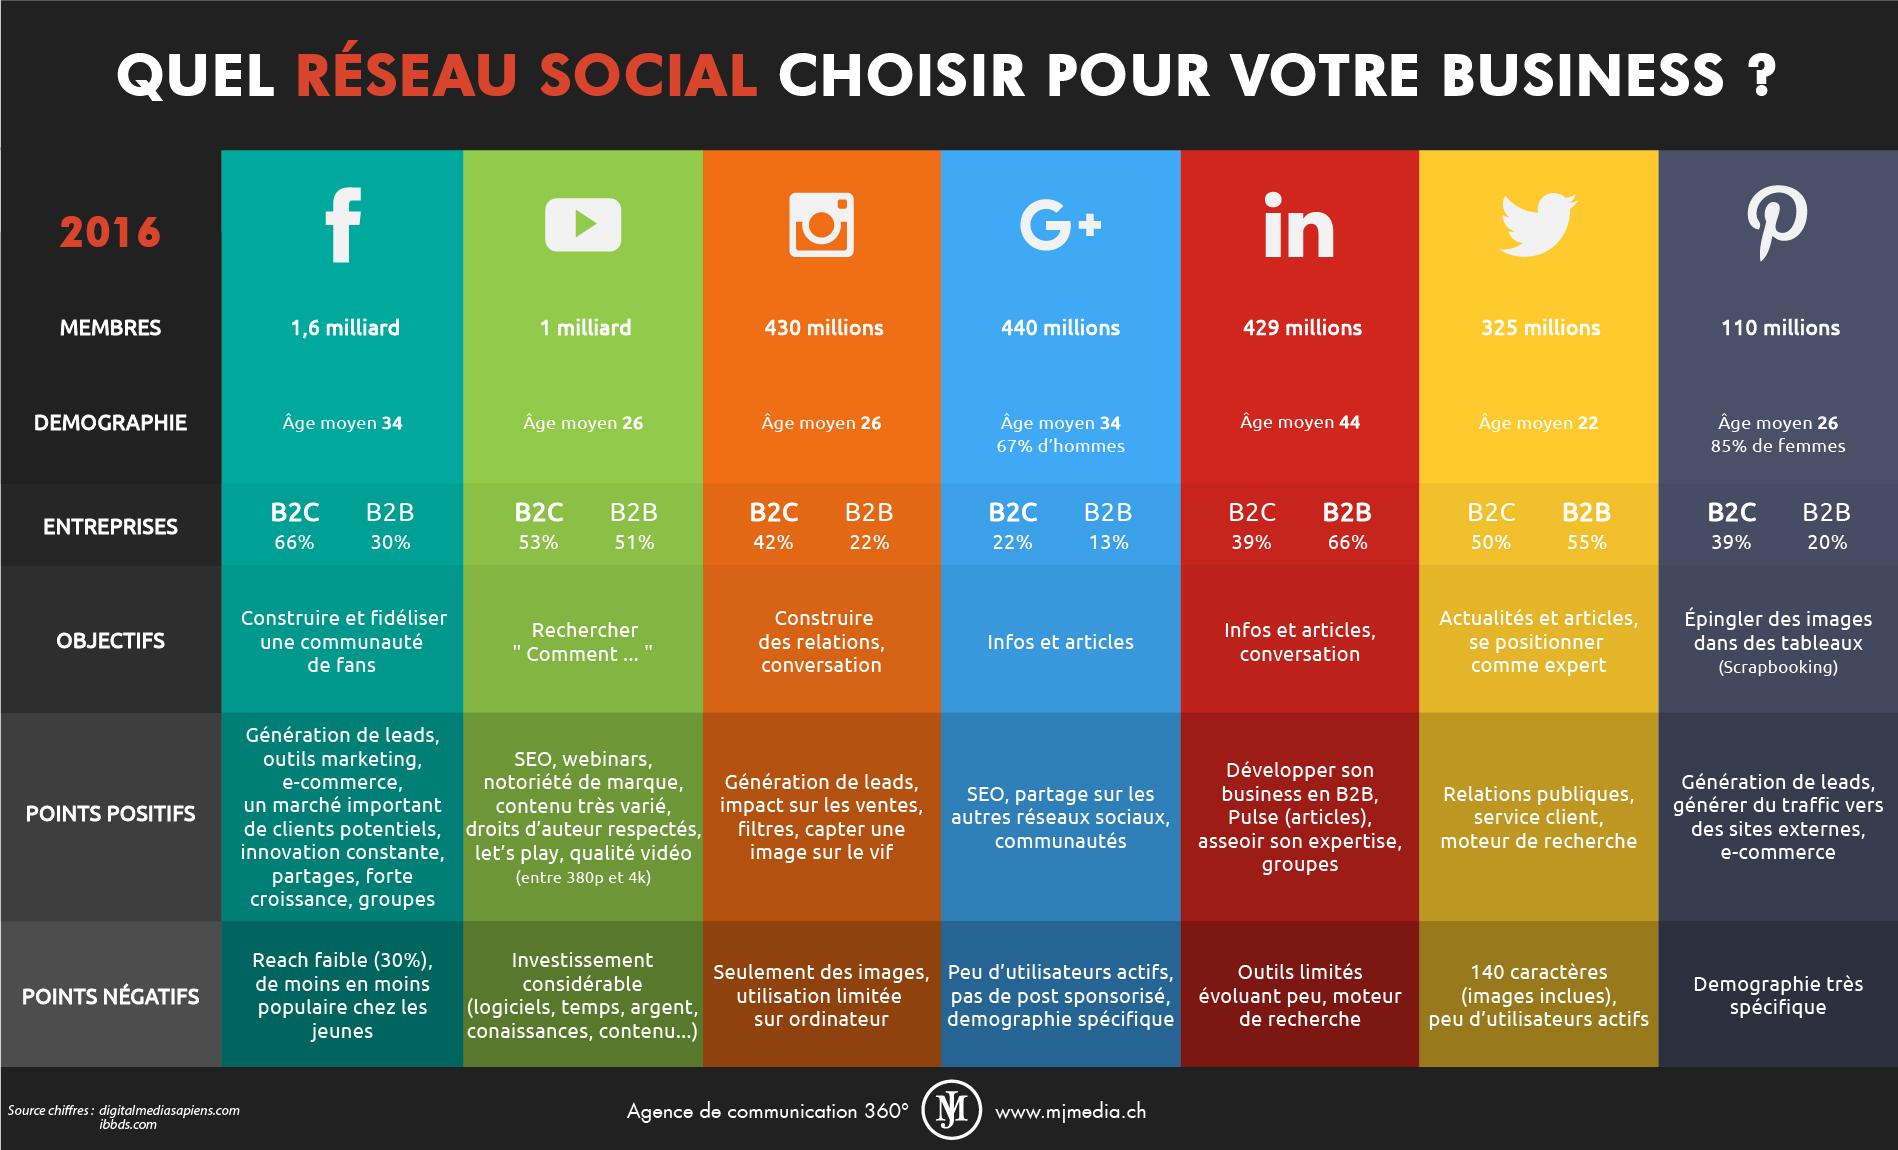 Choix réseaux sociaux